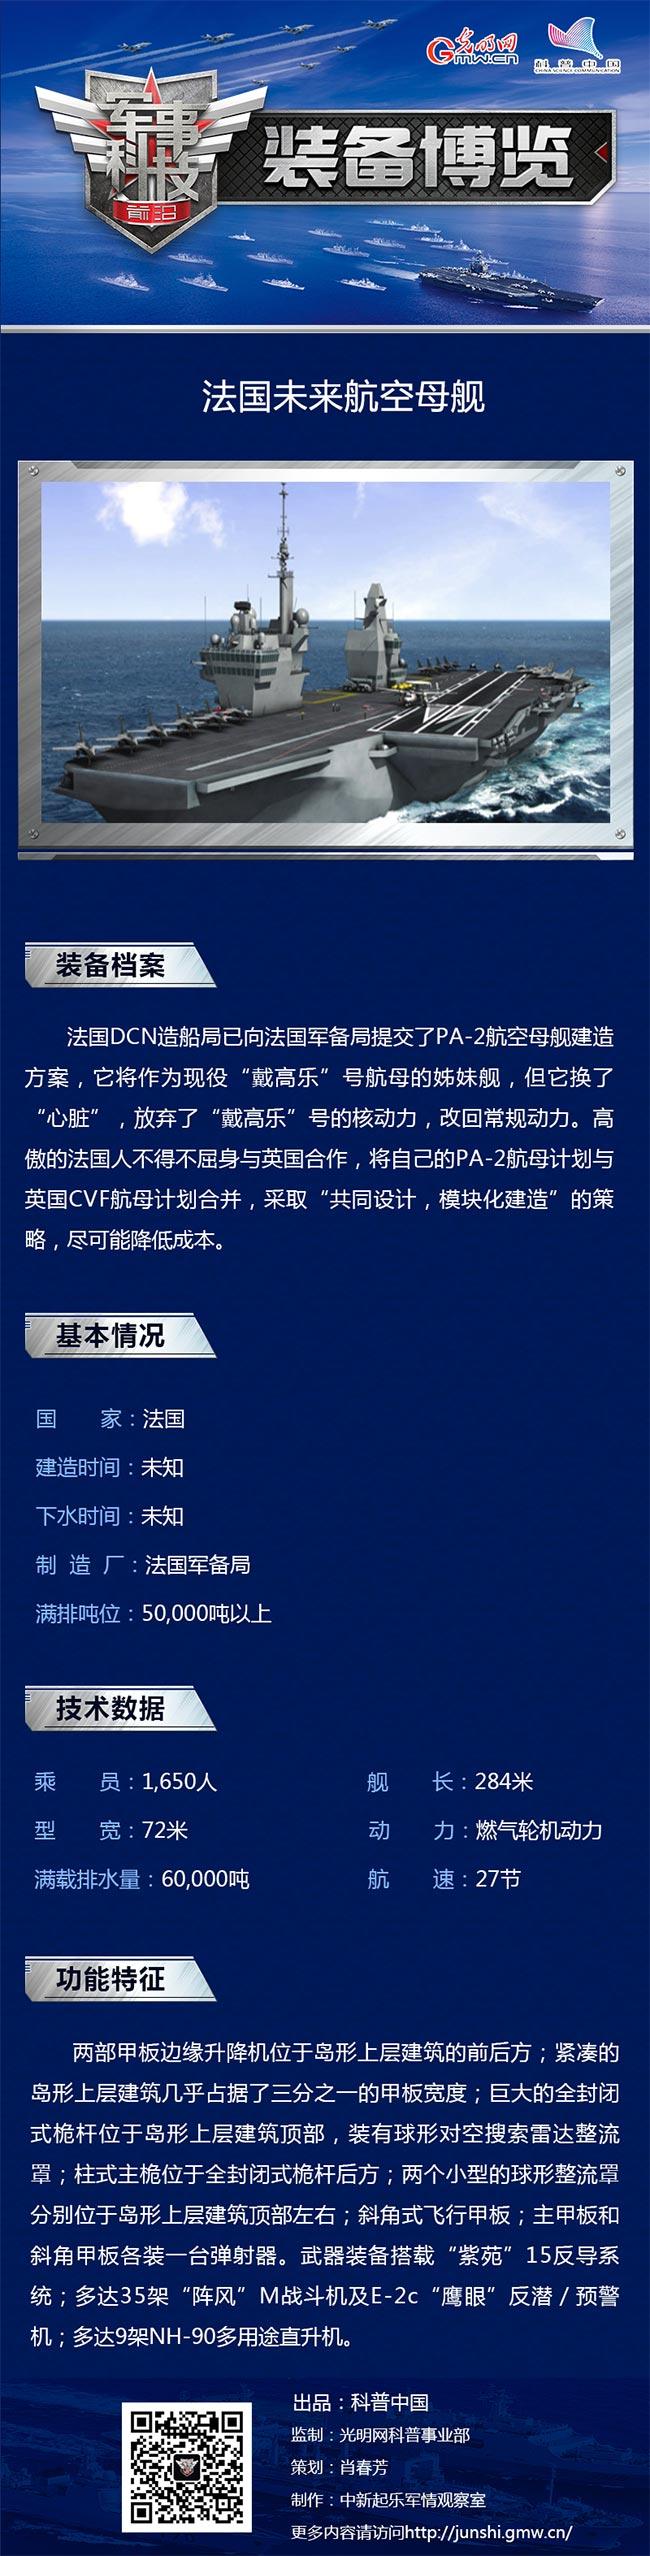 777钱柜官网登录 1